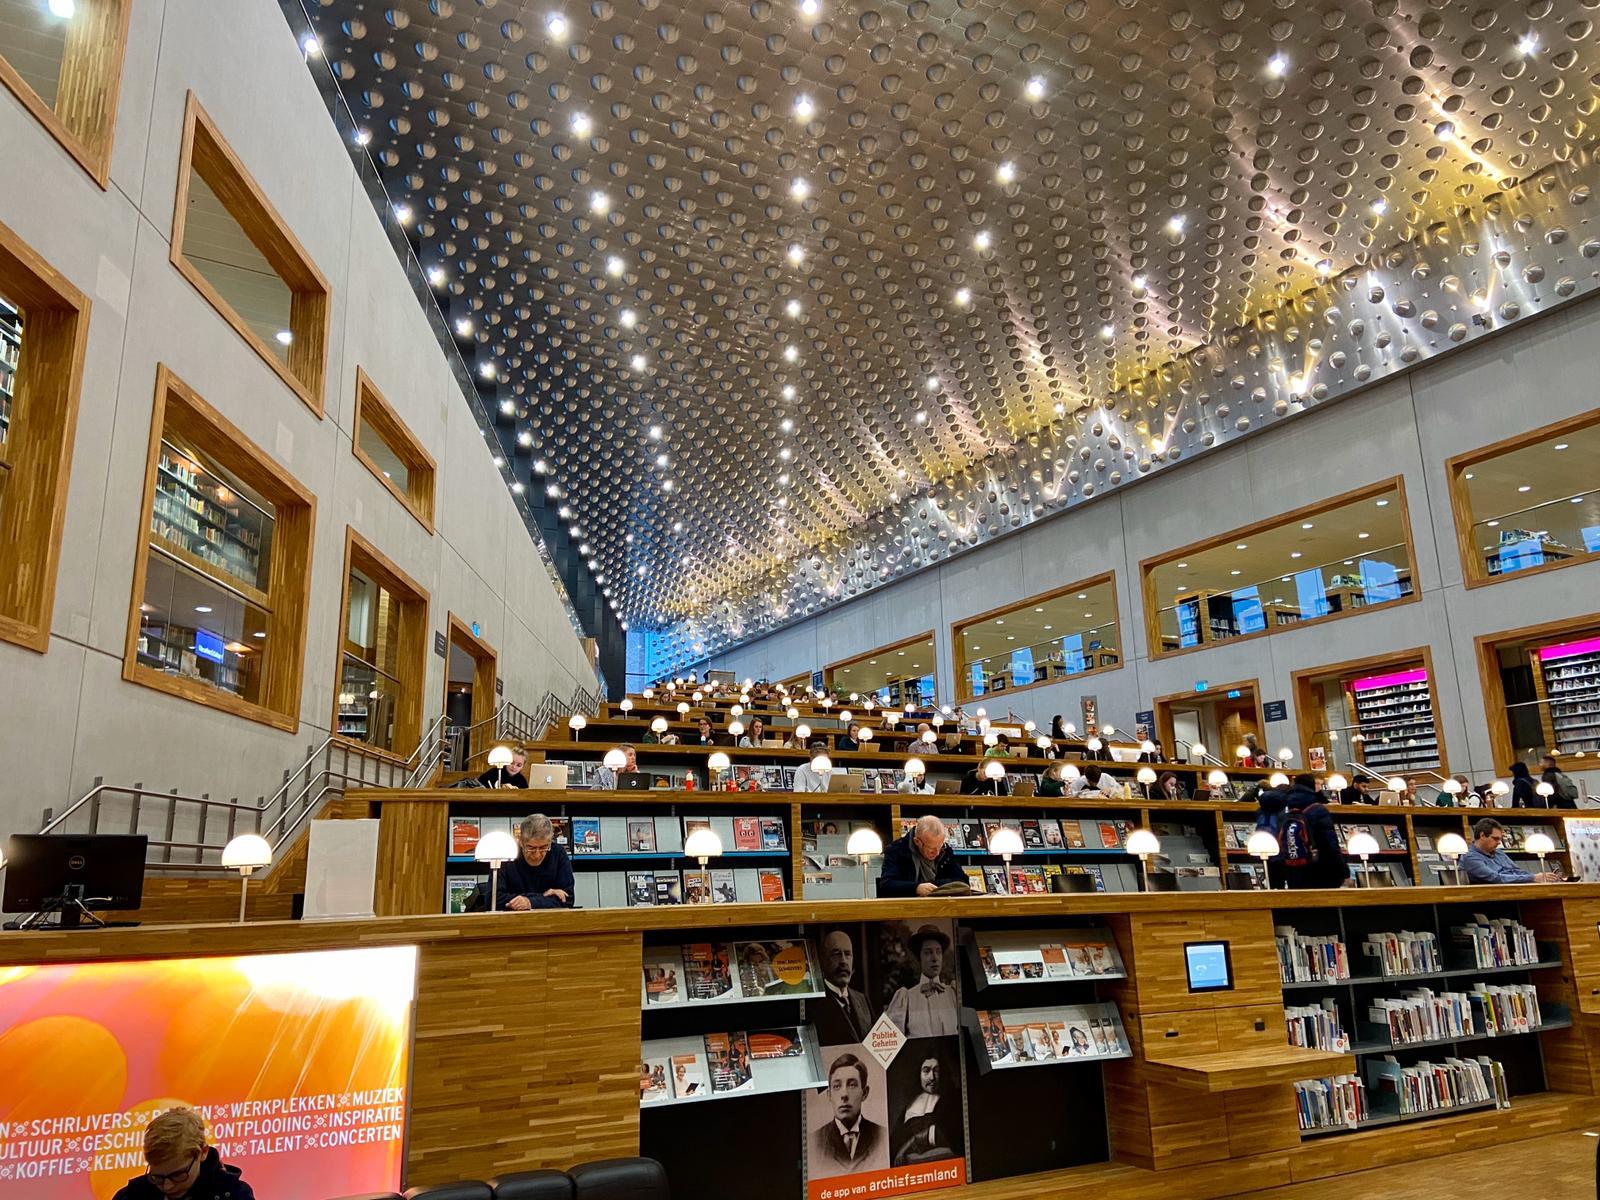 Bibliotheek Eemland. Foto: Ingelise de Vries